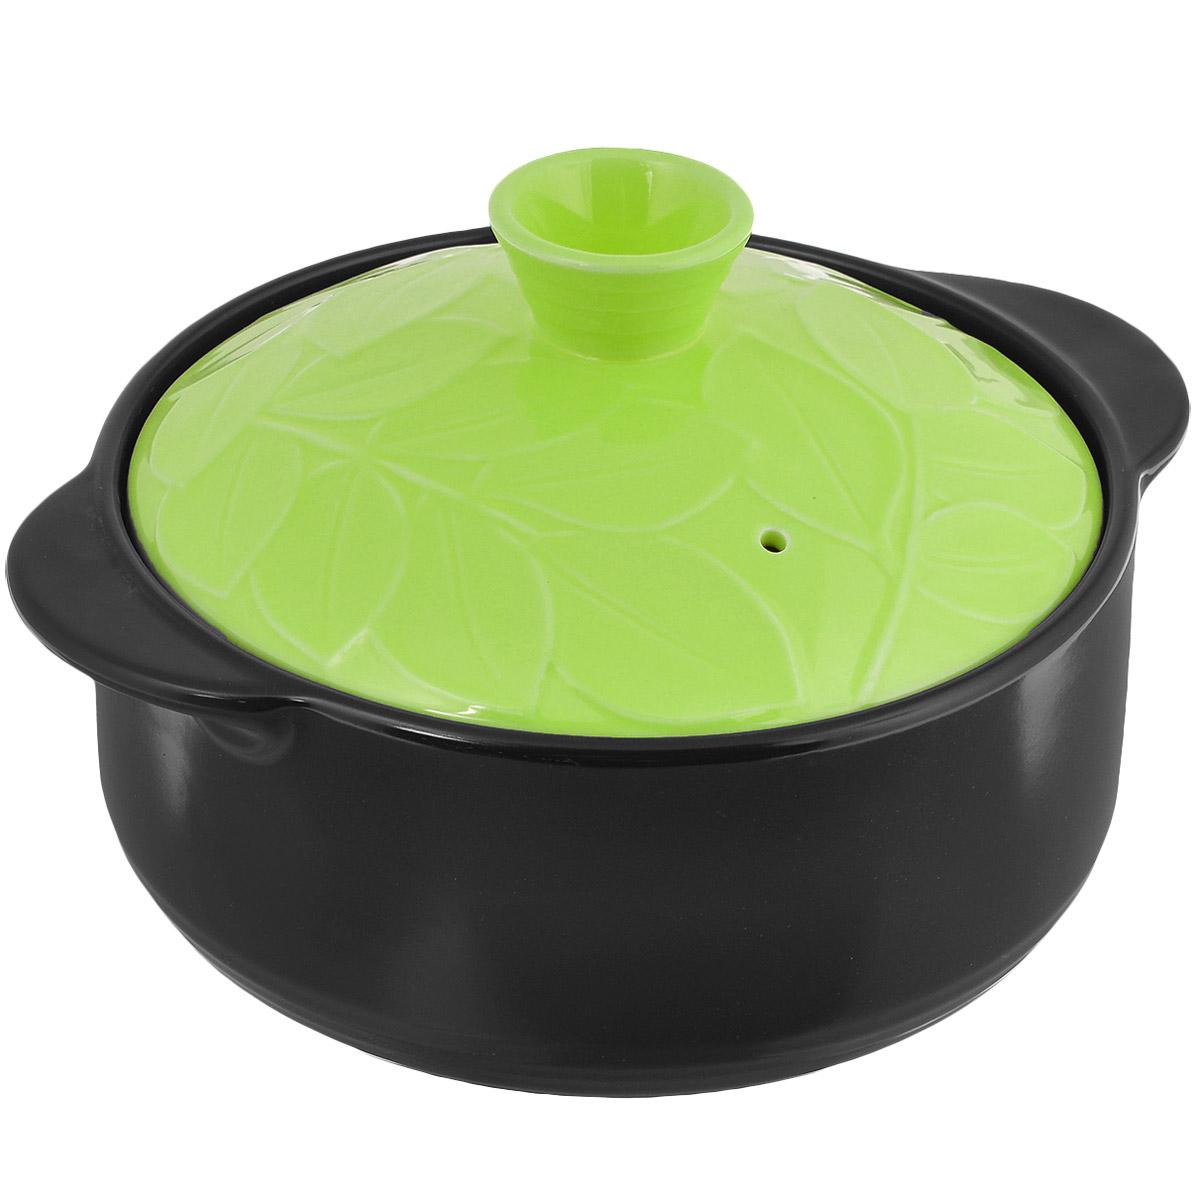 Кастрюля керамическая Hans & Gretchen с крышкой, цвет: зеленый, 2,2 л12NF-G20Кастрюля Hans & Gretchen изготовлена из экологически чистой жаропрочной керамики. Керамическая крышка кастрюли оснащена отверстием для выпуска пара. Кастрюля равномерно нагревает блюдо, долго сохраняя тепло и не выделяя абсолютно никаких примесей в пищу. Кастрюля не искажает, а даже усиливает вкус пищи. Крышка изделия оформлена рельефным изображением листьев. Превосходно служит для замораживания продуктов в холодильнике (до -20°С). Кастрюля устойчива к химическим и механическим воздействиям. Благодаря толстым стенкам изделие нагревается равномерно.Кастрюля Hans & Gretchen прекрасно подойдет для запекания и тушения овощей, мяса и других блюд, а оригинальный дизайн и яркое оформление украсят ваш стол.Можно мыть в посудомоечной машине. Кастрюля предназначена для использования на газовой и электрической плитах, в духовке и микроволновой печи. Не подходит для индукционных плит. Высота стенки: 9 см.Ширина кастрюли (с учетом ручек): 25 см.Толщина дна: 5 мм.Толщина стенки: 5 мм.